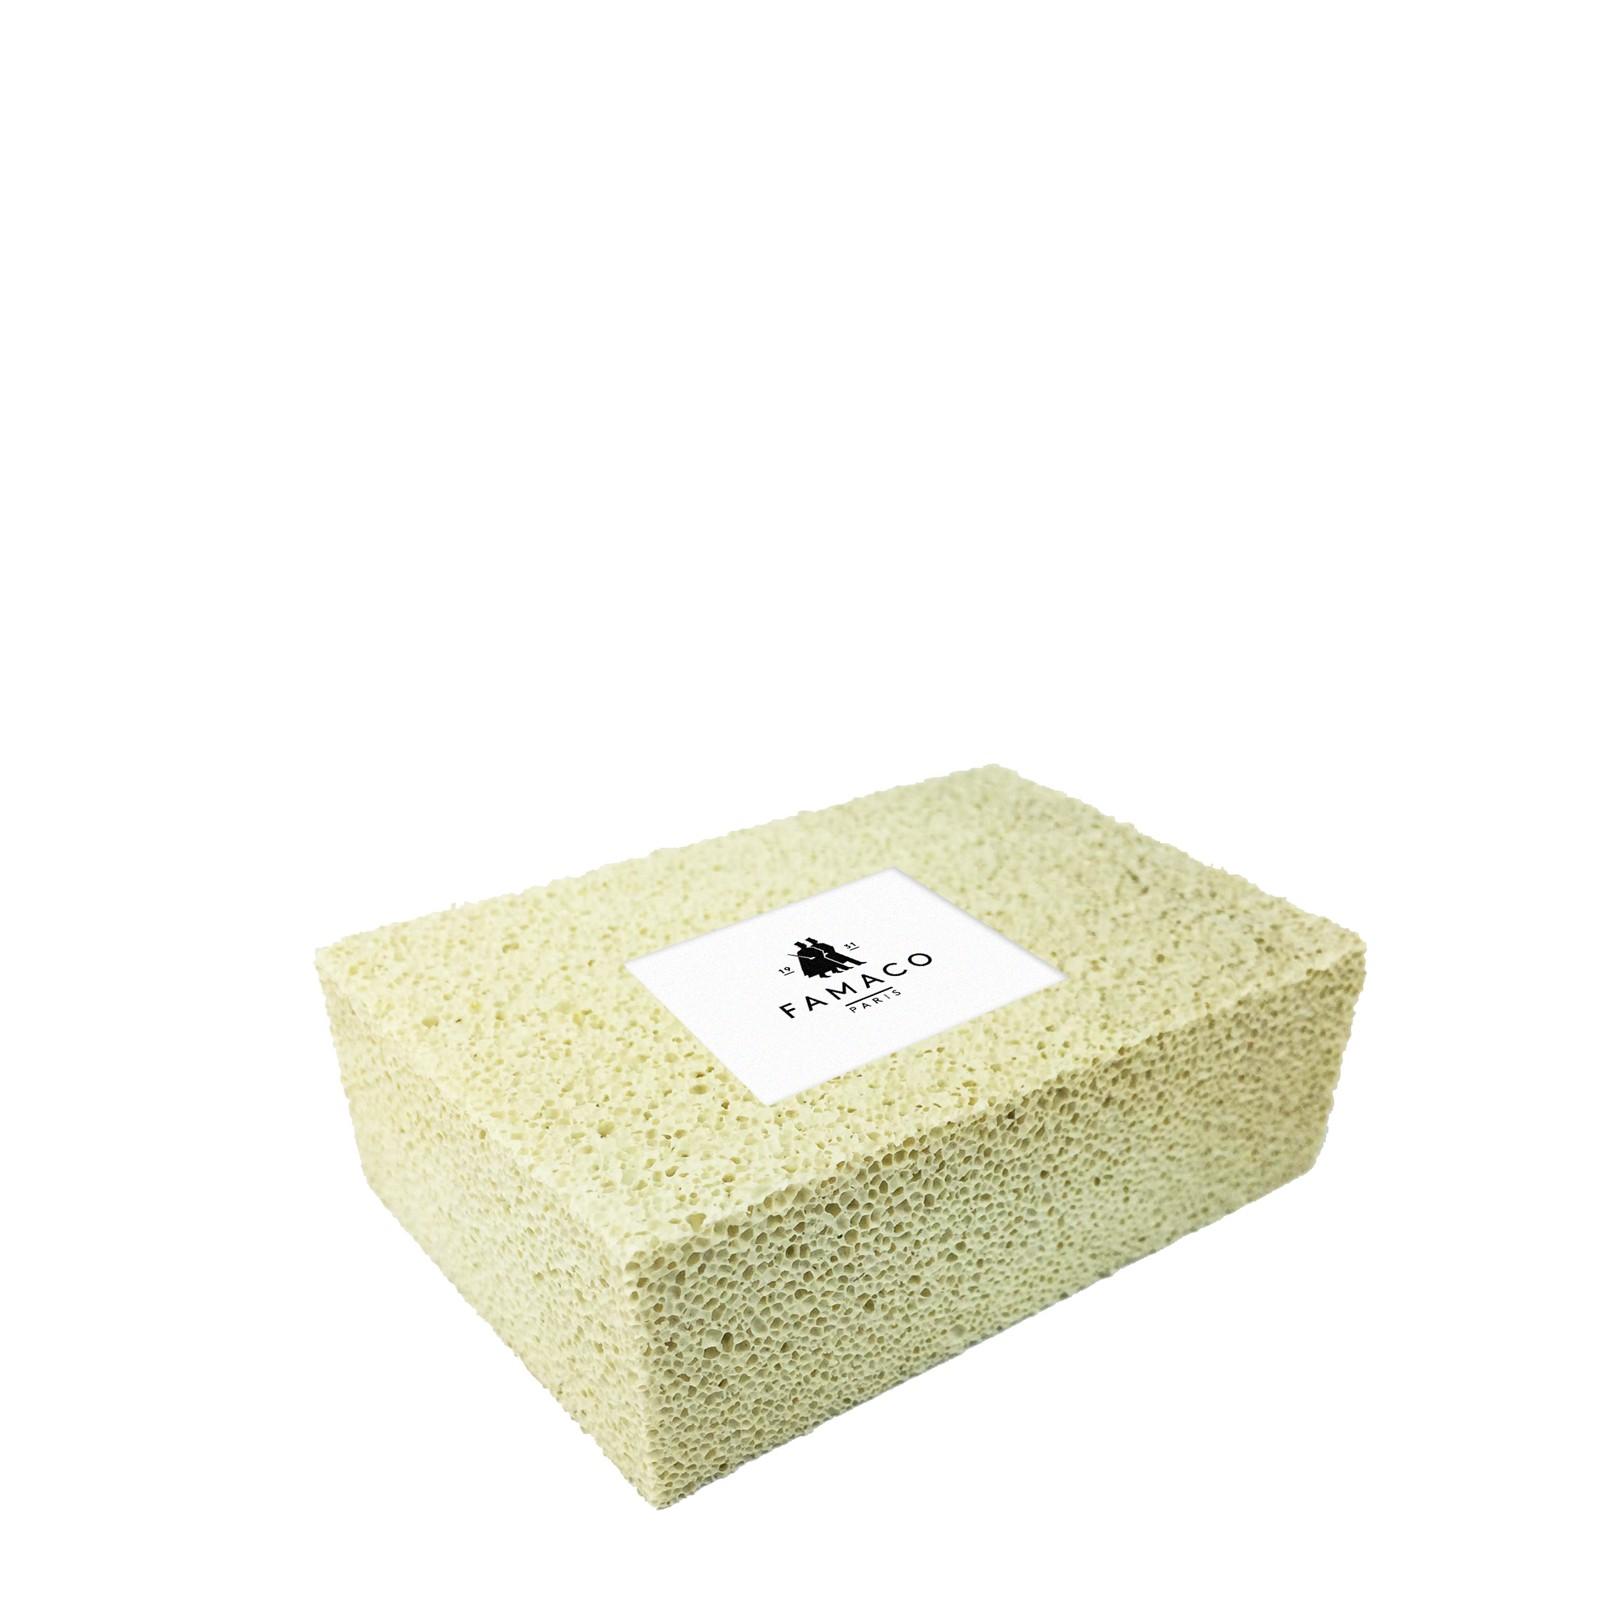 Suede Clean Sponge No Box